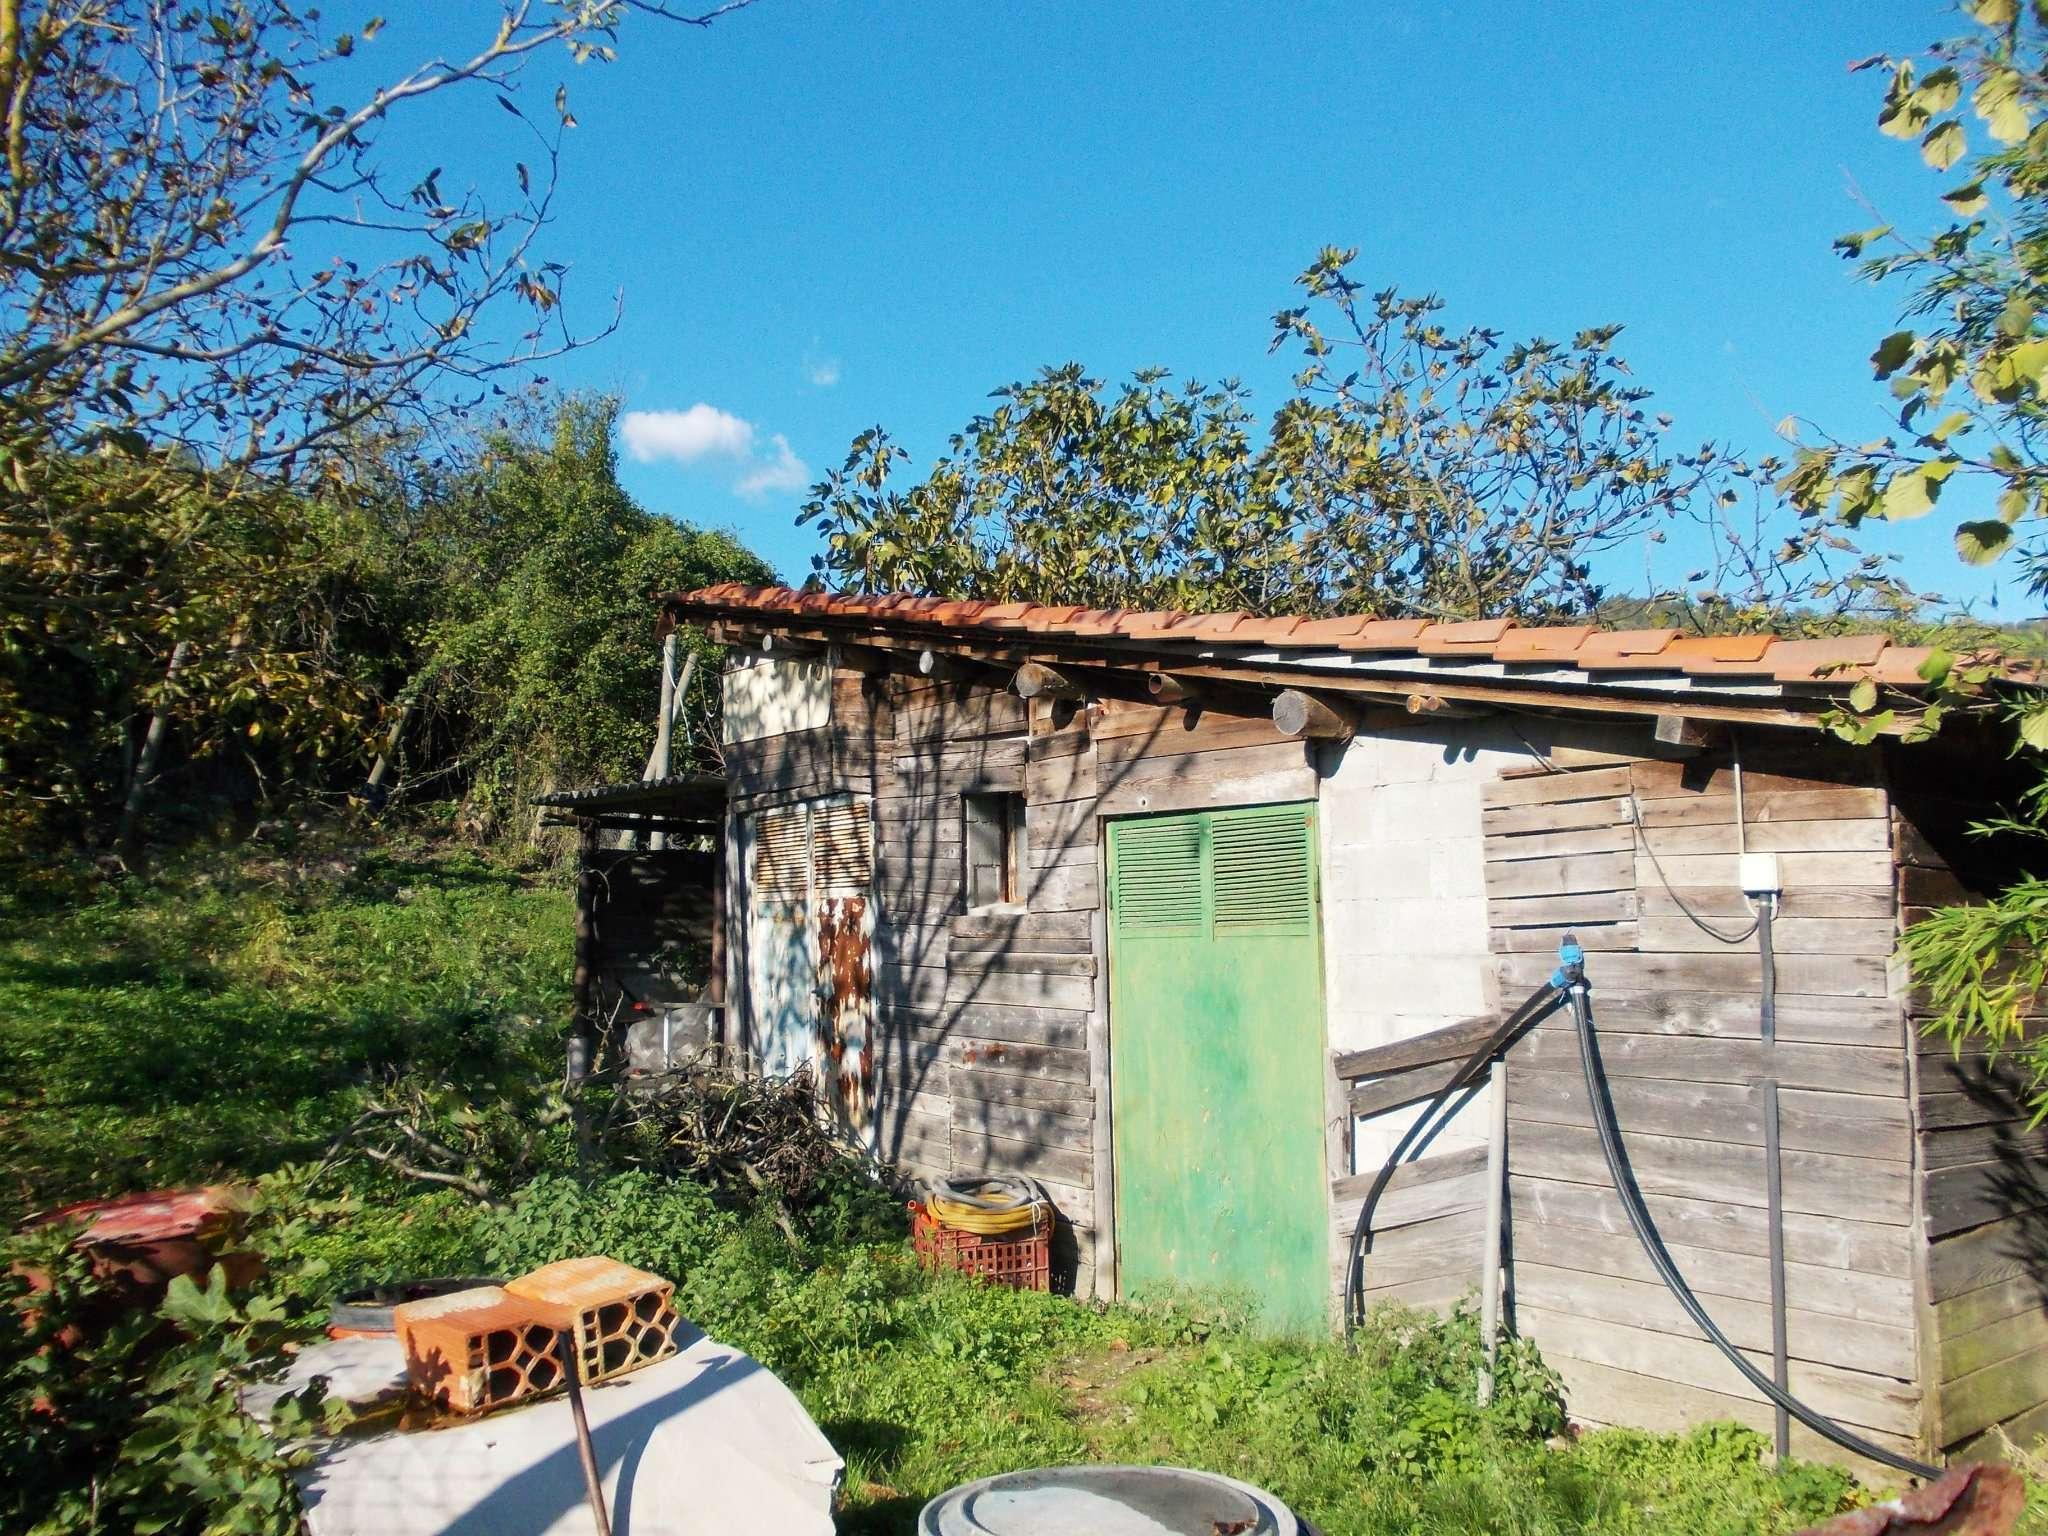 Terreno Agricolo in vendita a Pontassieve, 1 locali, prezzo € 49.000 | Cambio Casa.it